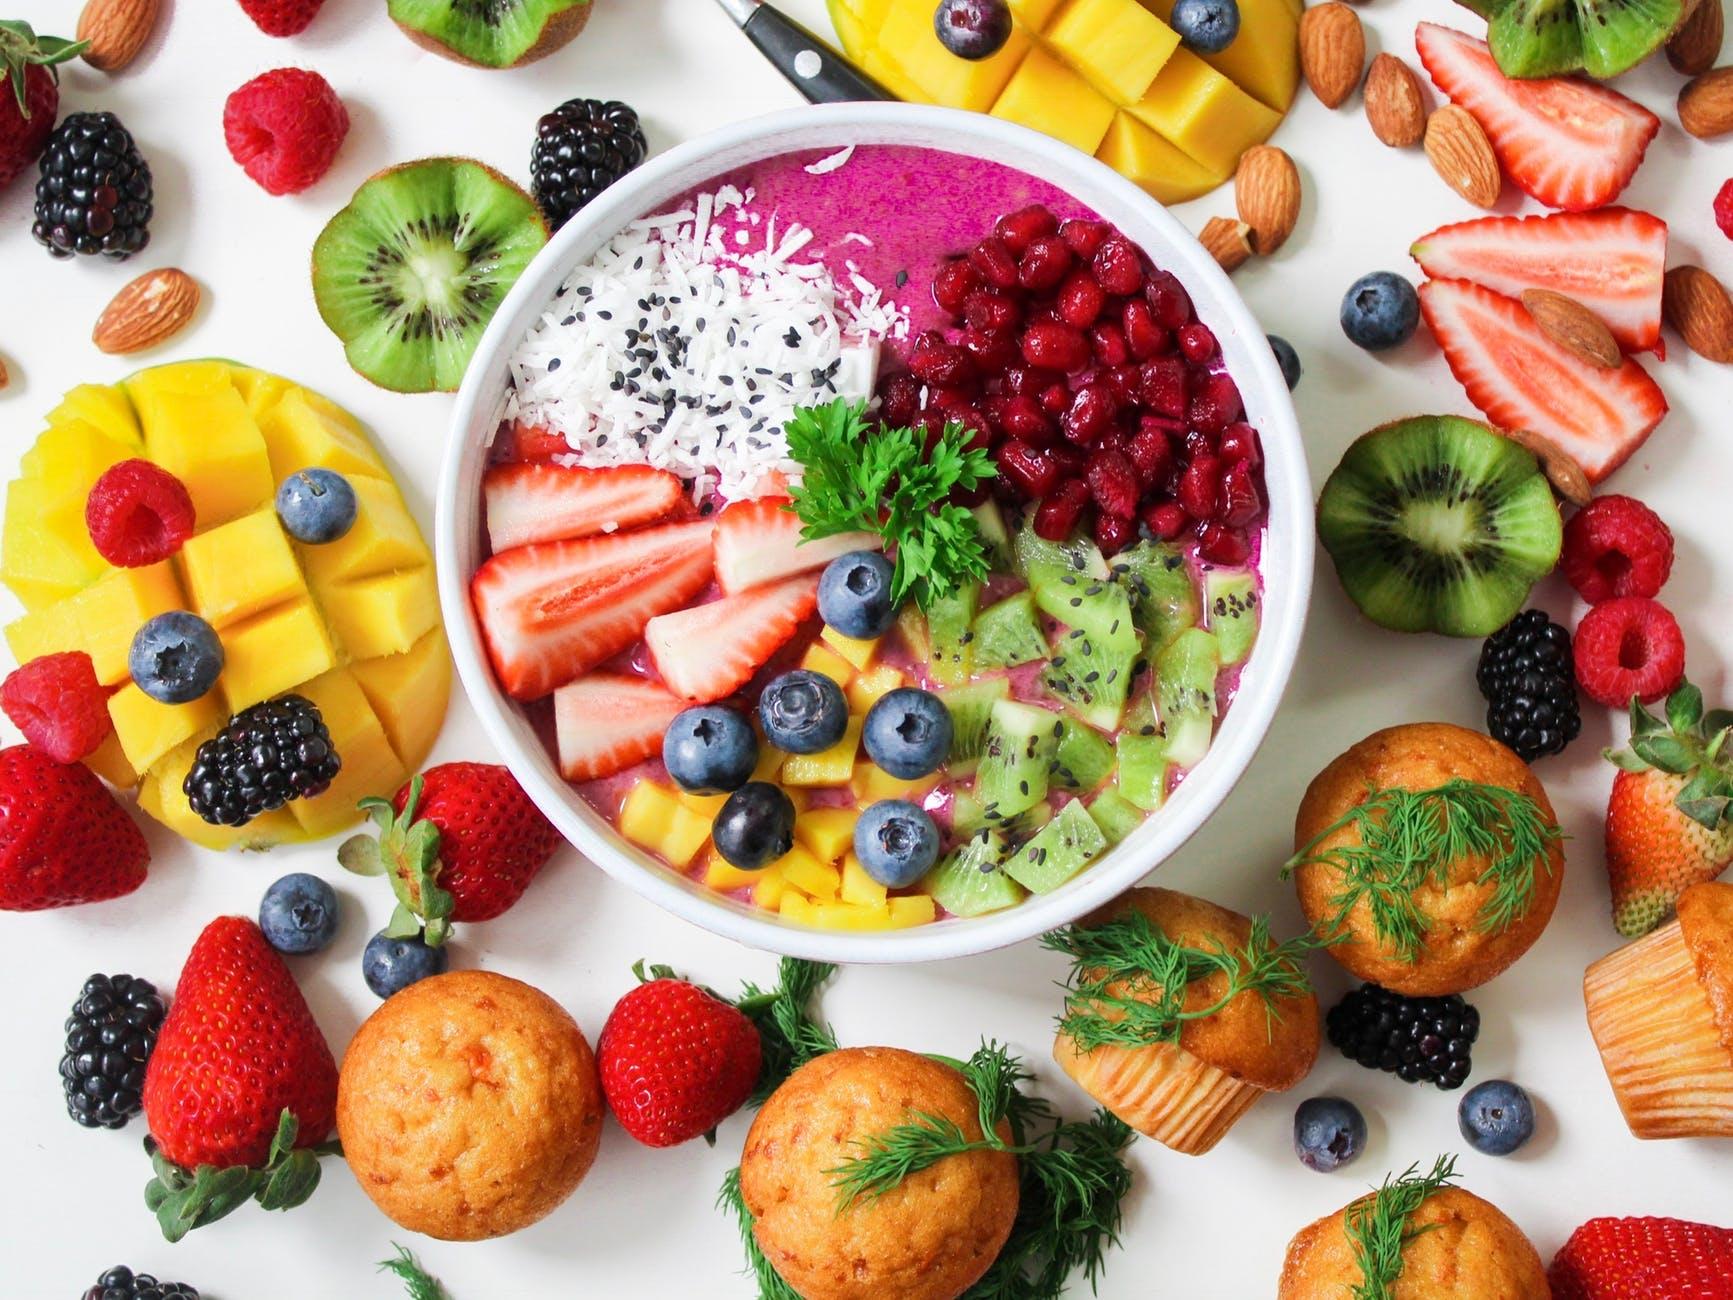 food strawberries kiwi (fruit) berries fruit